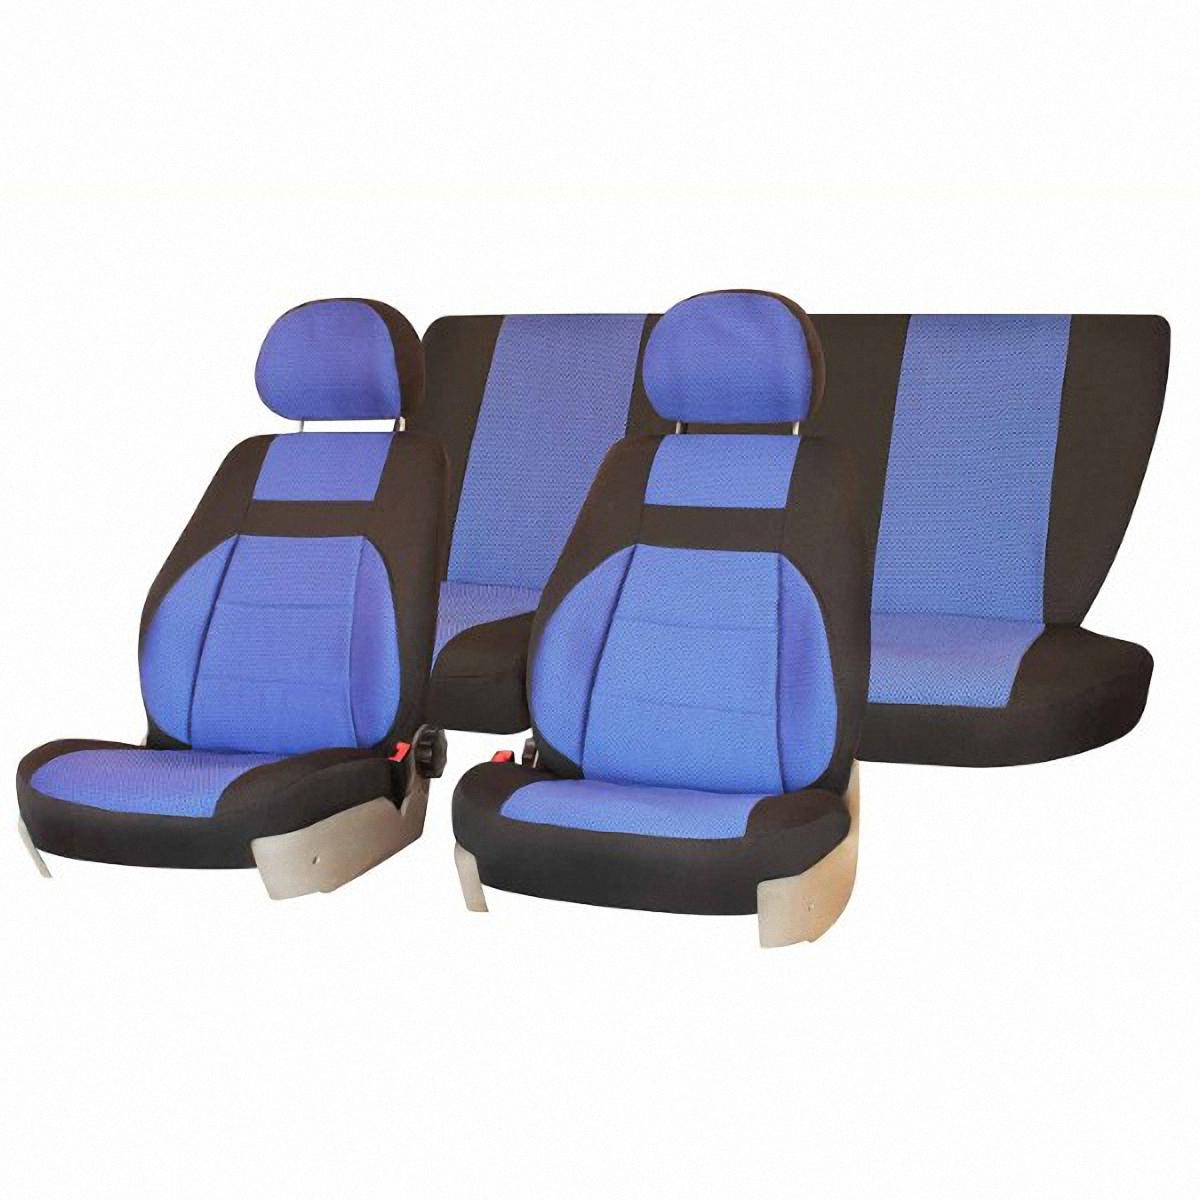 Чехлы автомобильные Skyway, для ВАЗ-2109/21099, цвет: синийSC-FD421005Автомобильные чехлы Skyway изготовлены из качественного жаккарда. Чехлы идеально повторяют штатную форму сидений и выглядят как оригинальная обивка сидений. Разработаны индивидуально для каждой модели автомобиля. Авточехлы Skyway просты в уходе - загрязнения легко удаляются влажной тканью. Чехлы имеют раздельную схему надевания. В комплекте 8 предметов.